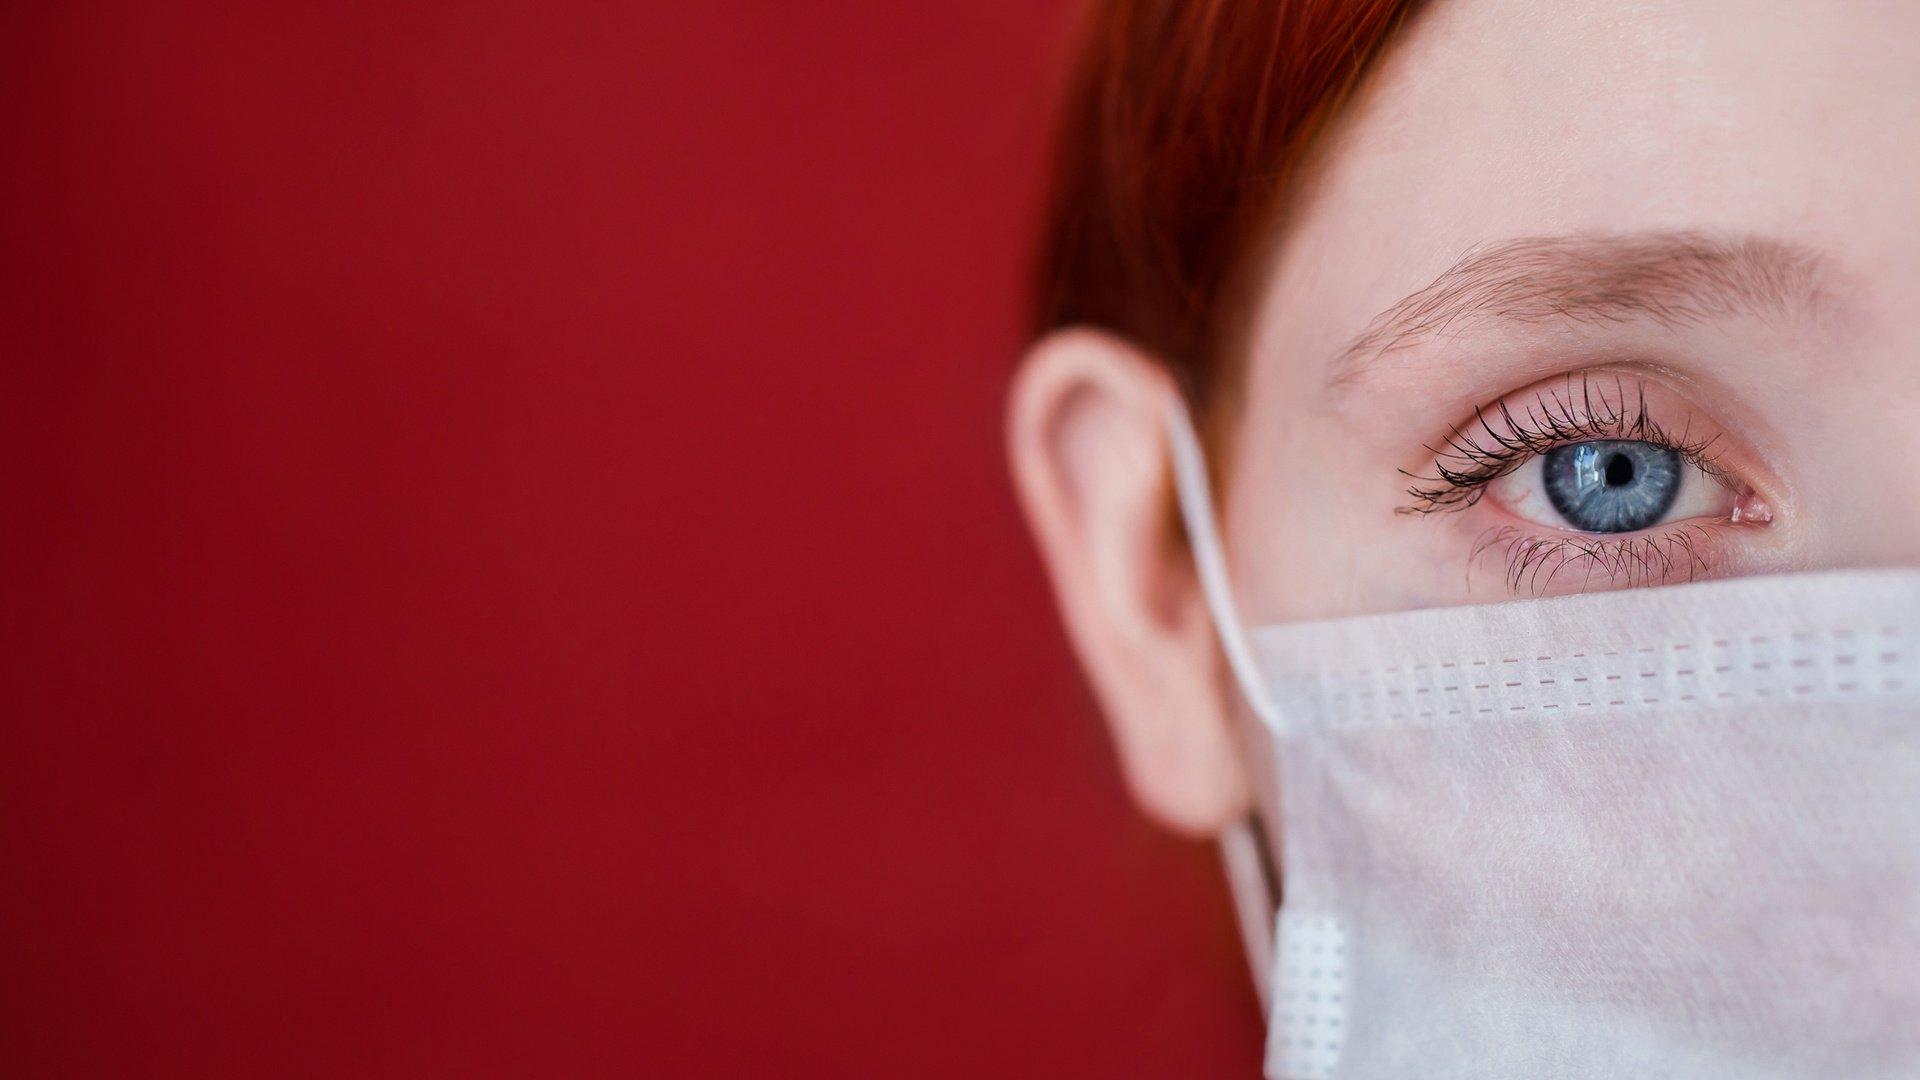 Учёные и ВОЗ раскритиковали заявления врача из Италии об ослаблении коронавируса